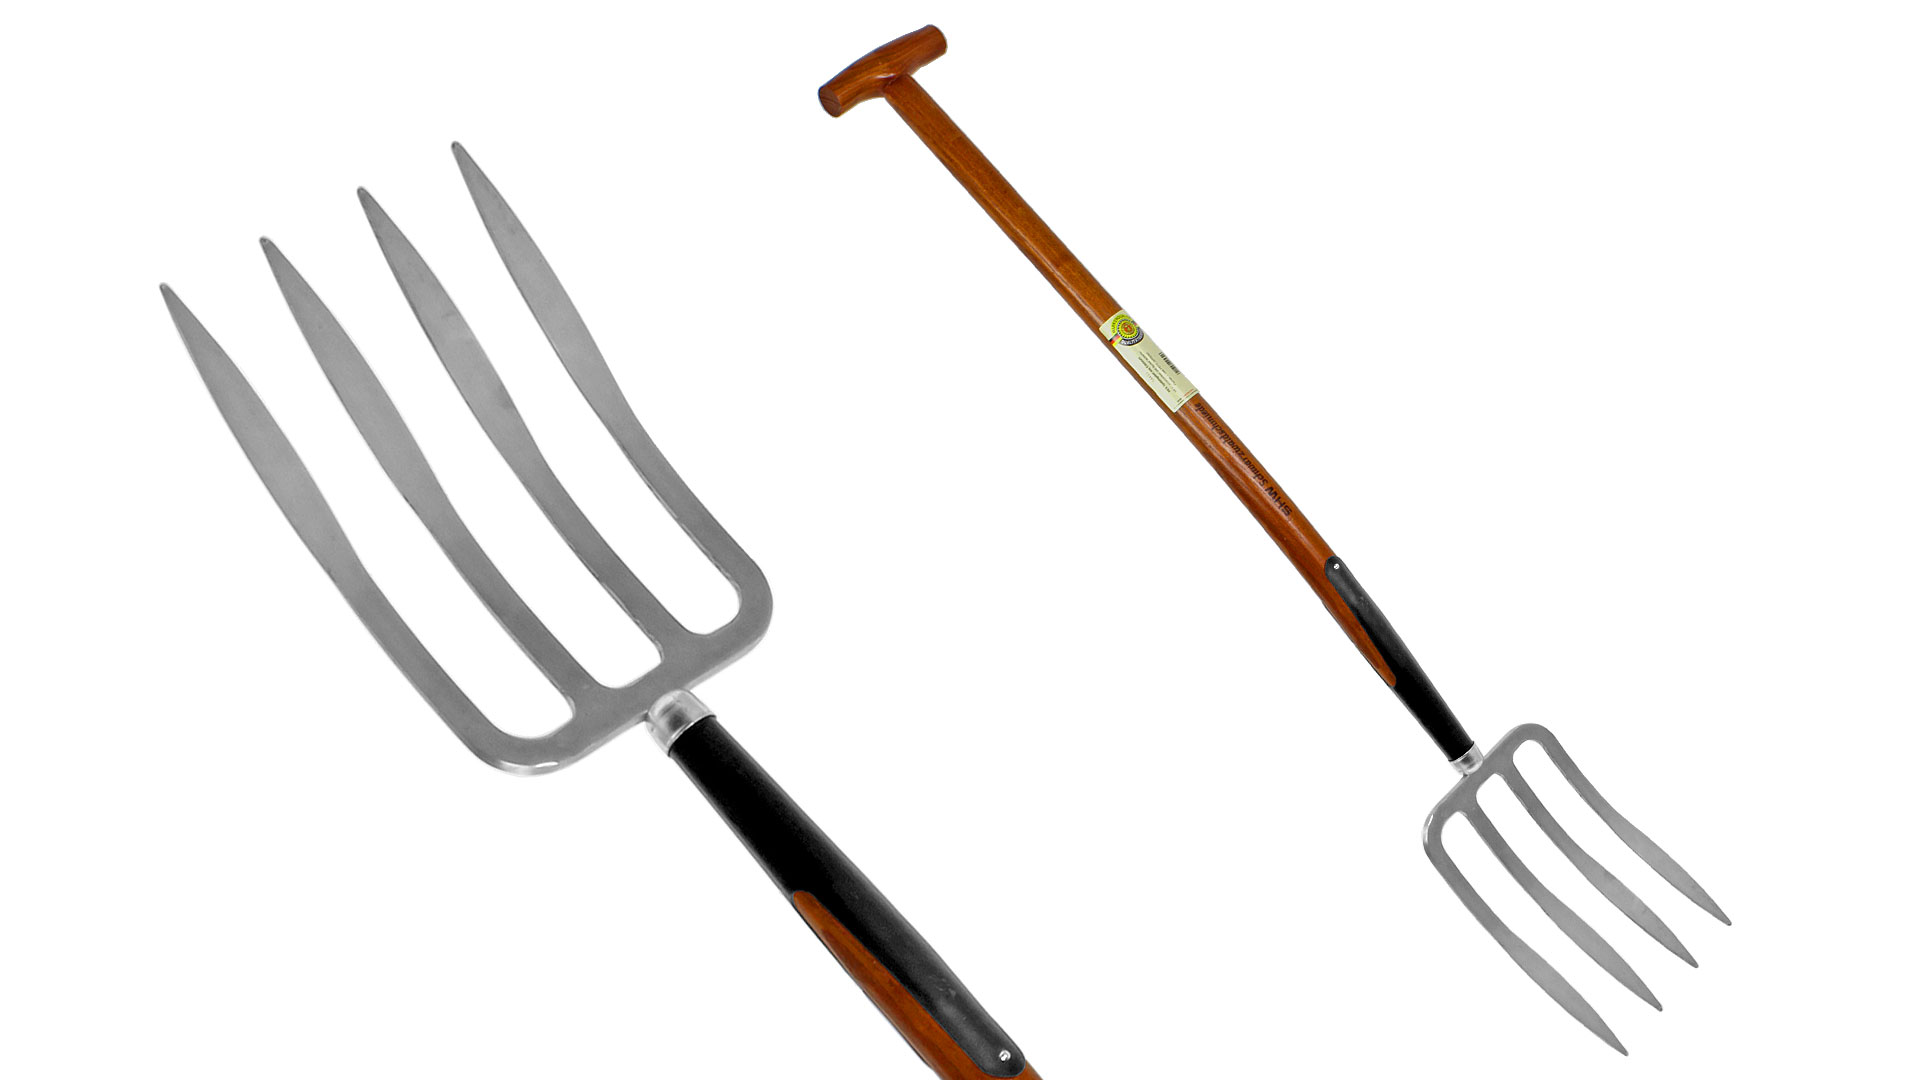 Stainless Garden Fork